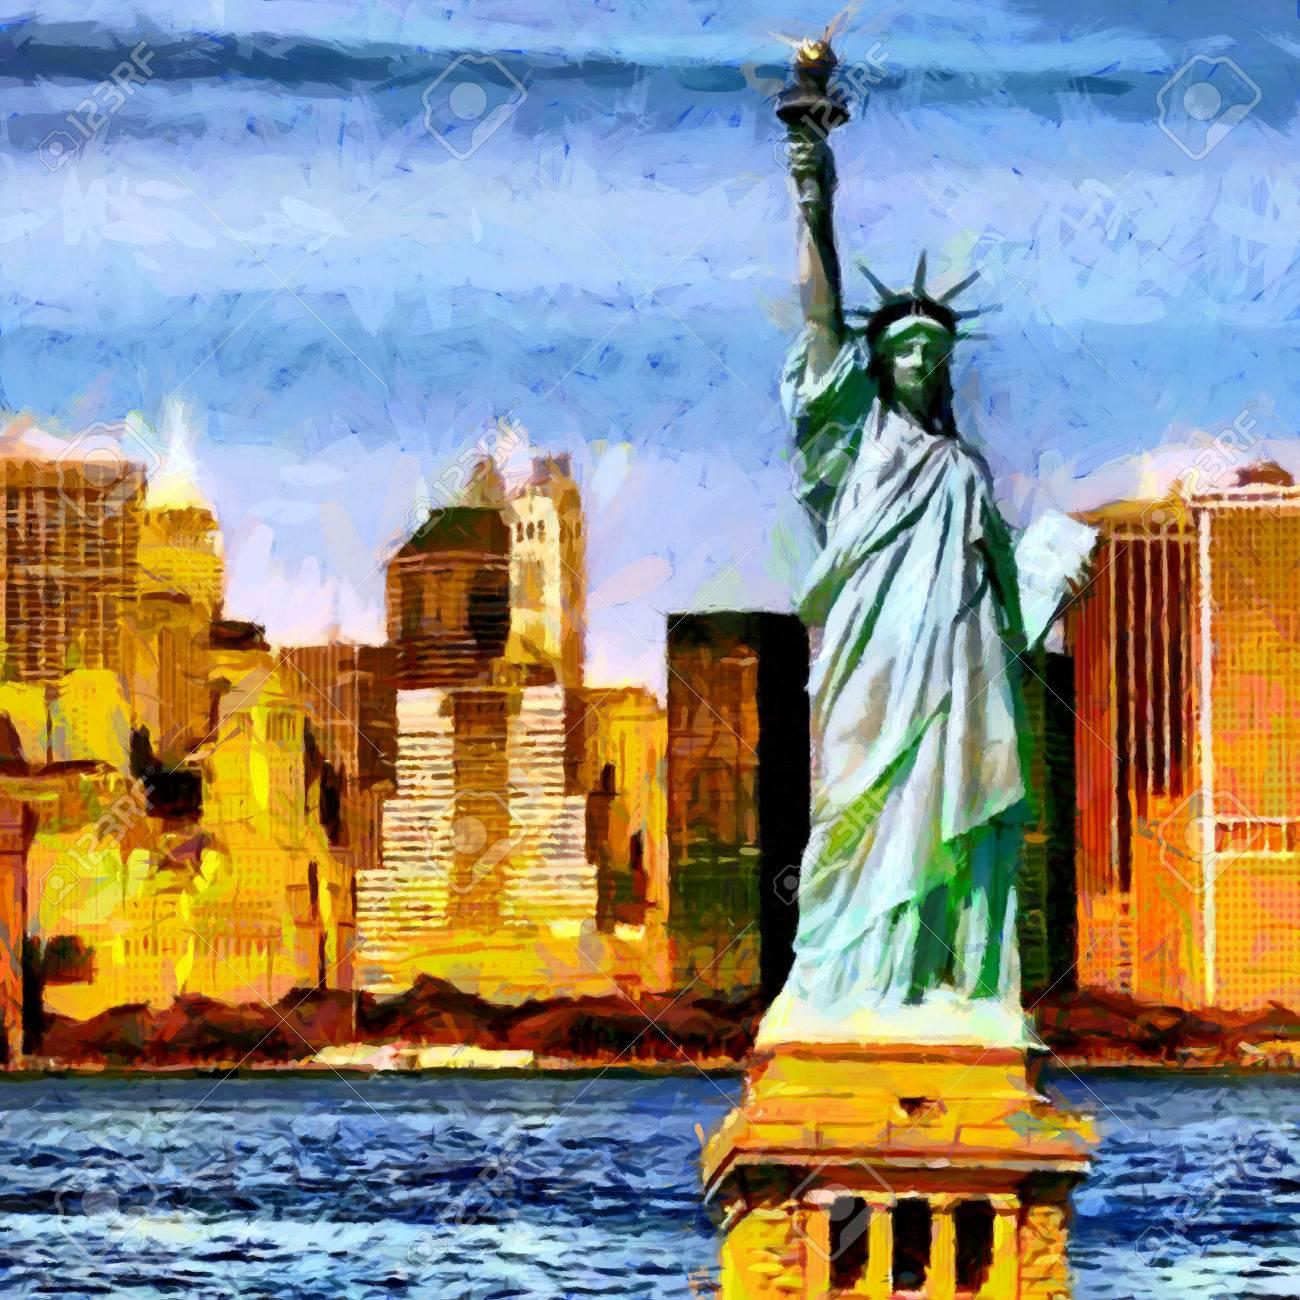 Statue De La Liberte Avec Des Gratte Ciel Peinture A L Huile De Fond Banque D Images Et Photos Libres De Droits Image 77605780